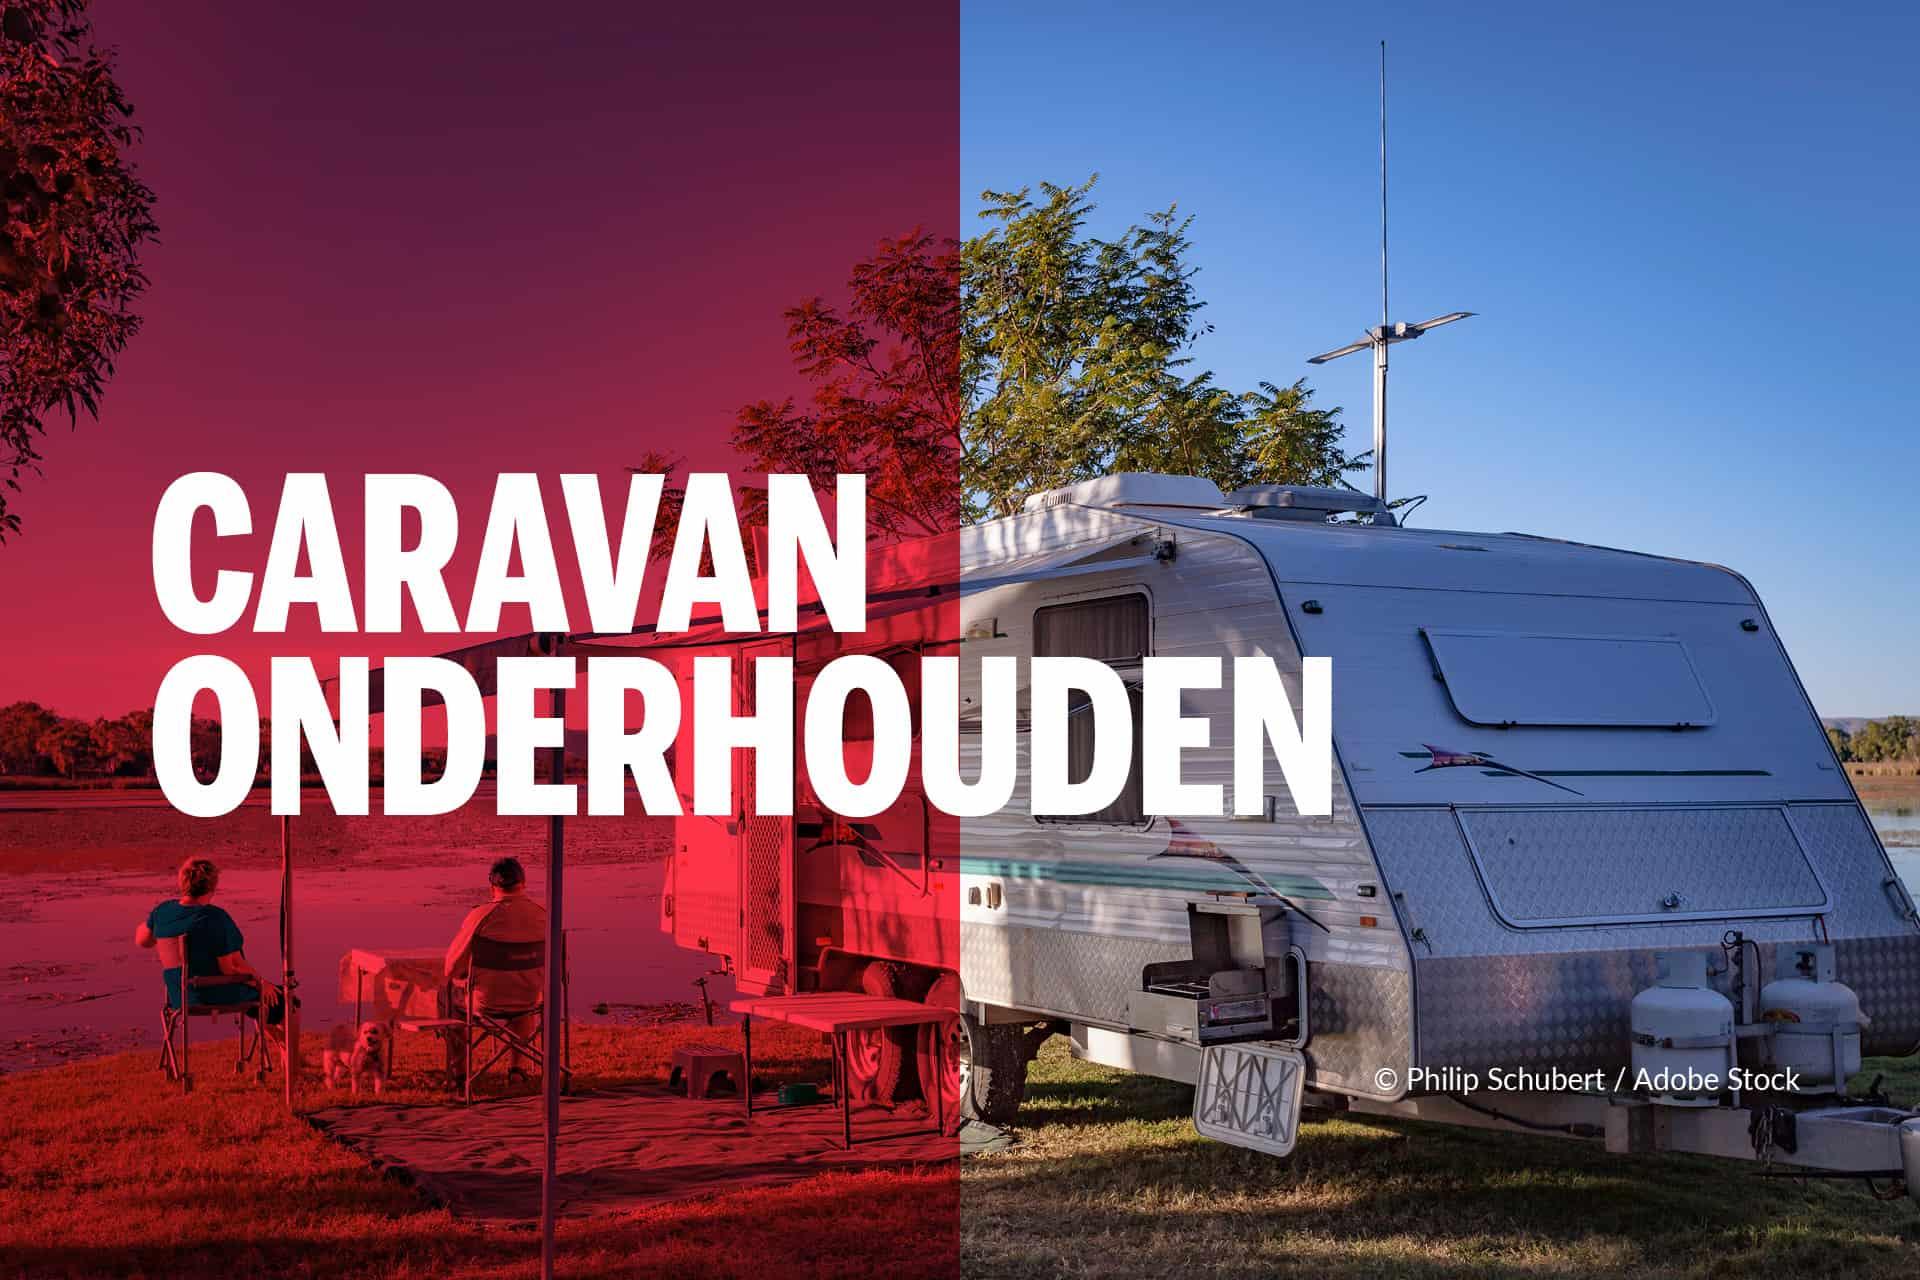 Caravan onderhoud: Hoe onderhoud ik mijn caravan